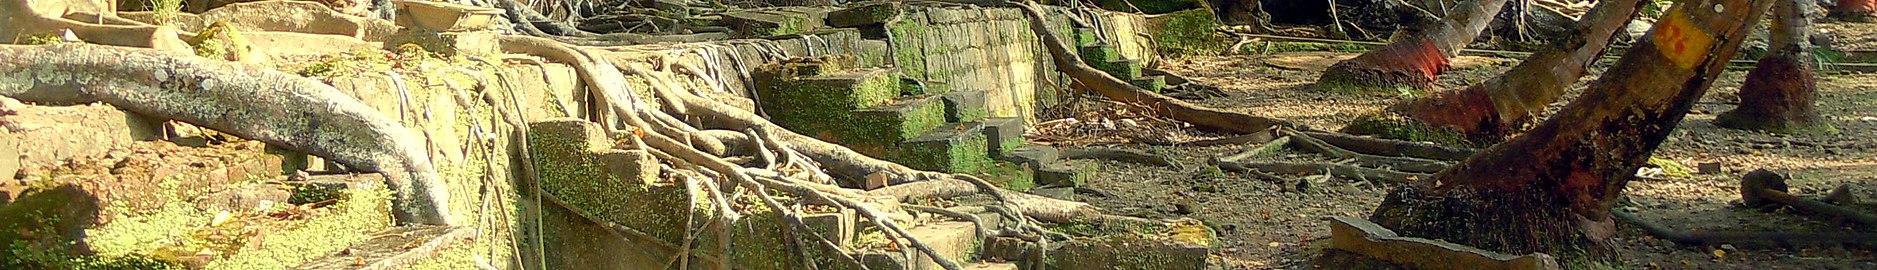 Ross Island banner Ruins.jpg